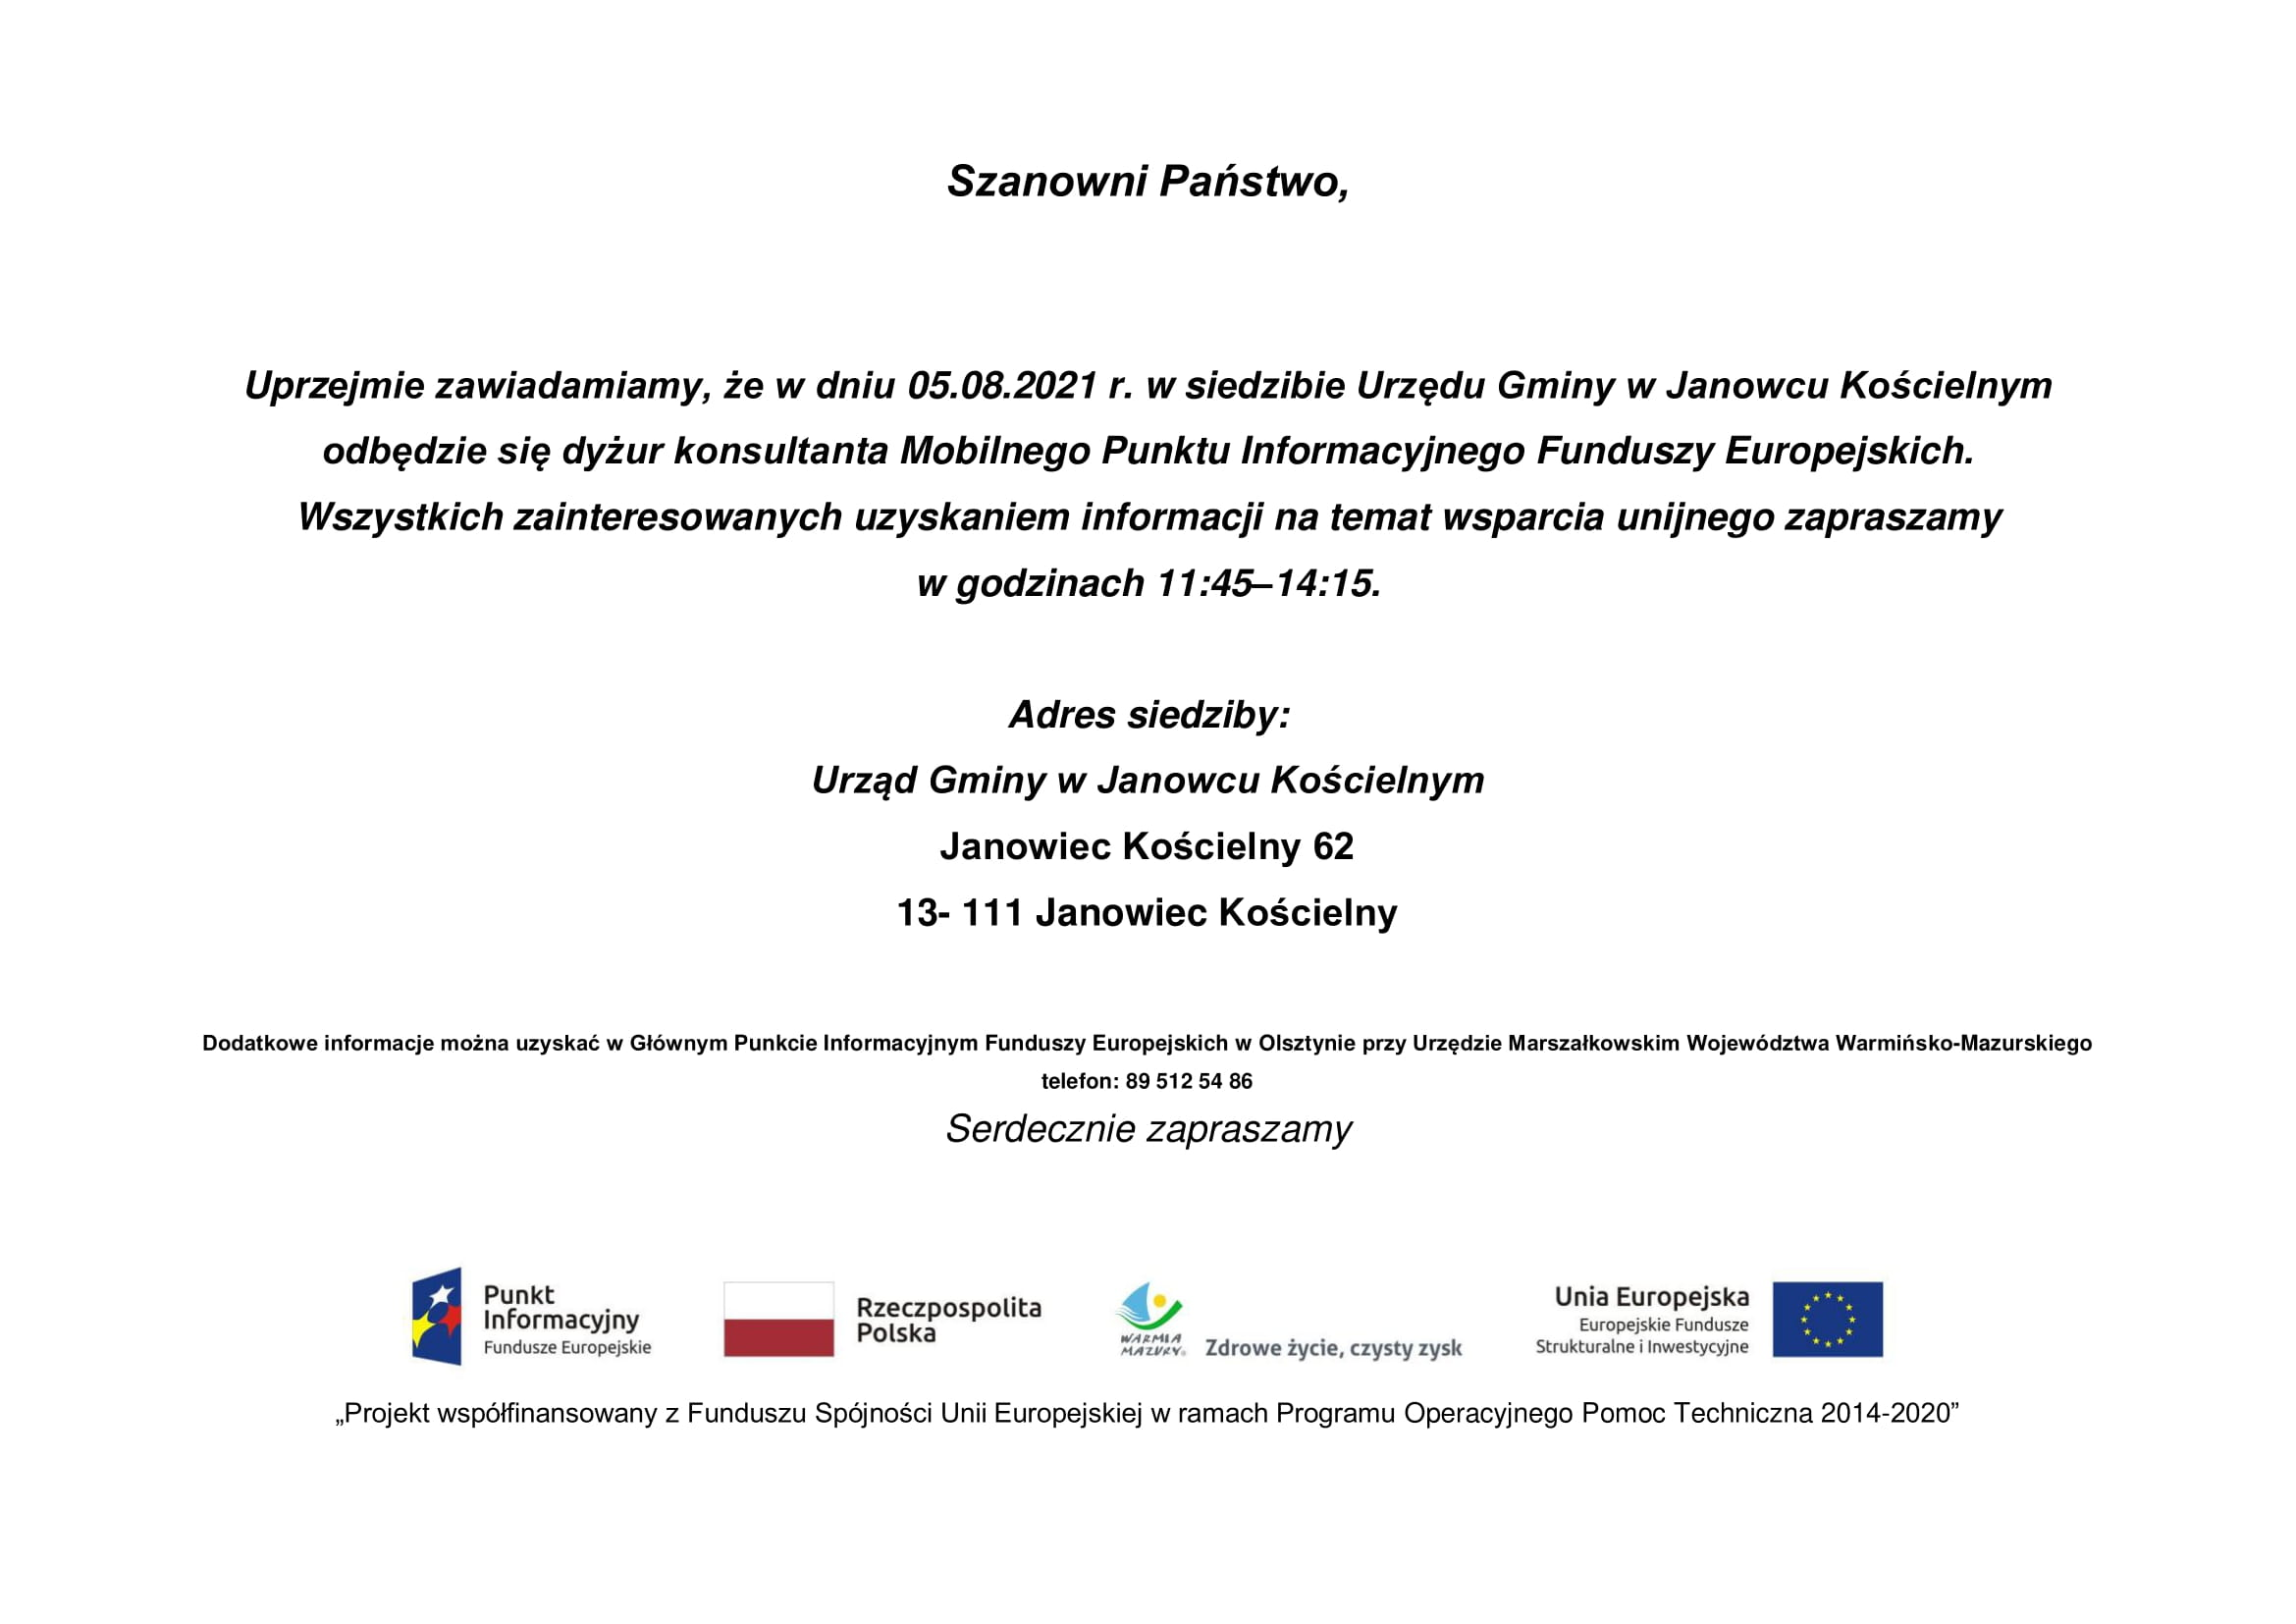 się dyżur konsultanta Mobilnego Punktu Informacyjnego Funduszy Europejskich